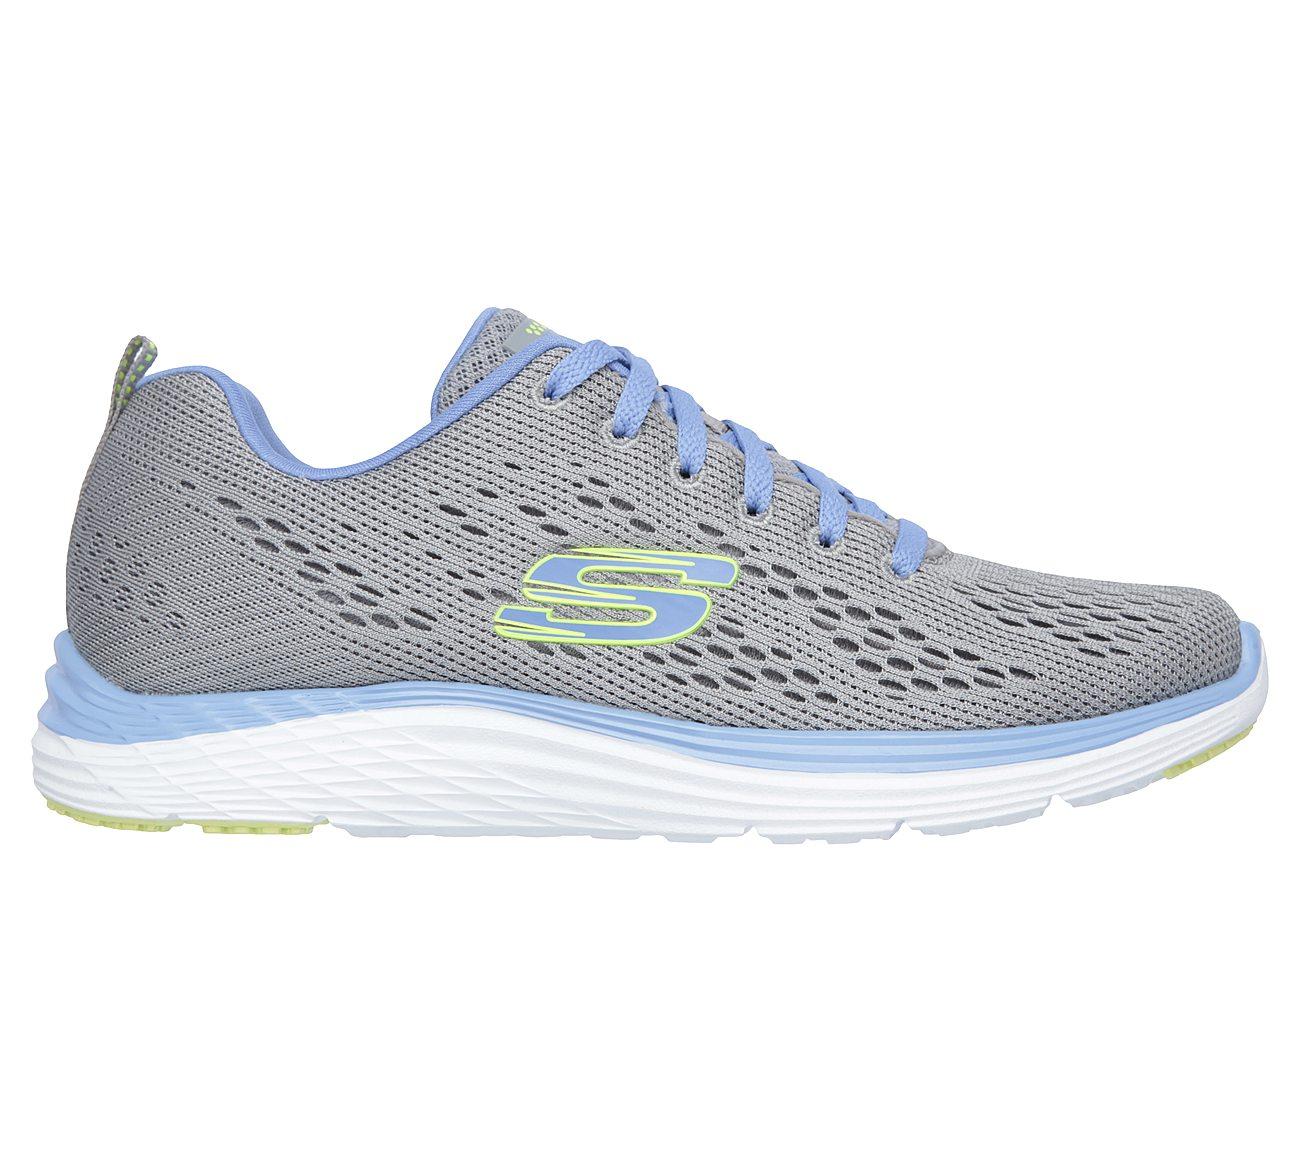 Skechers Valeris-Backstage Pass 12221 Sport Shoes Color: Blue